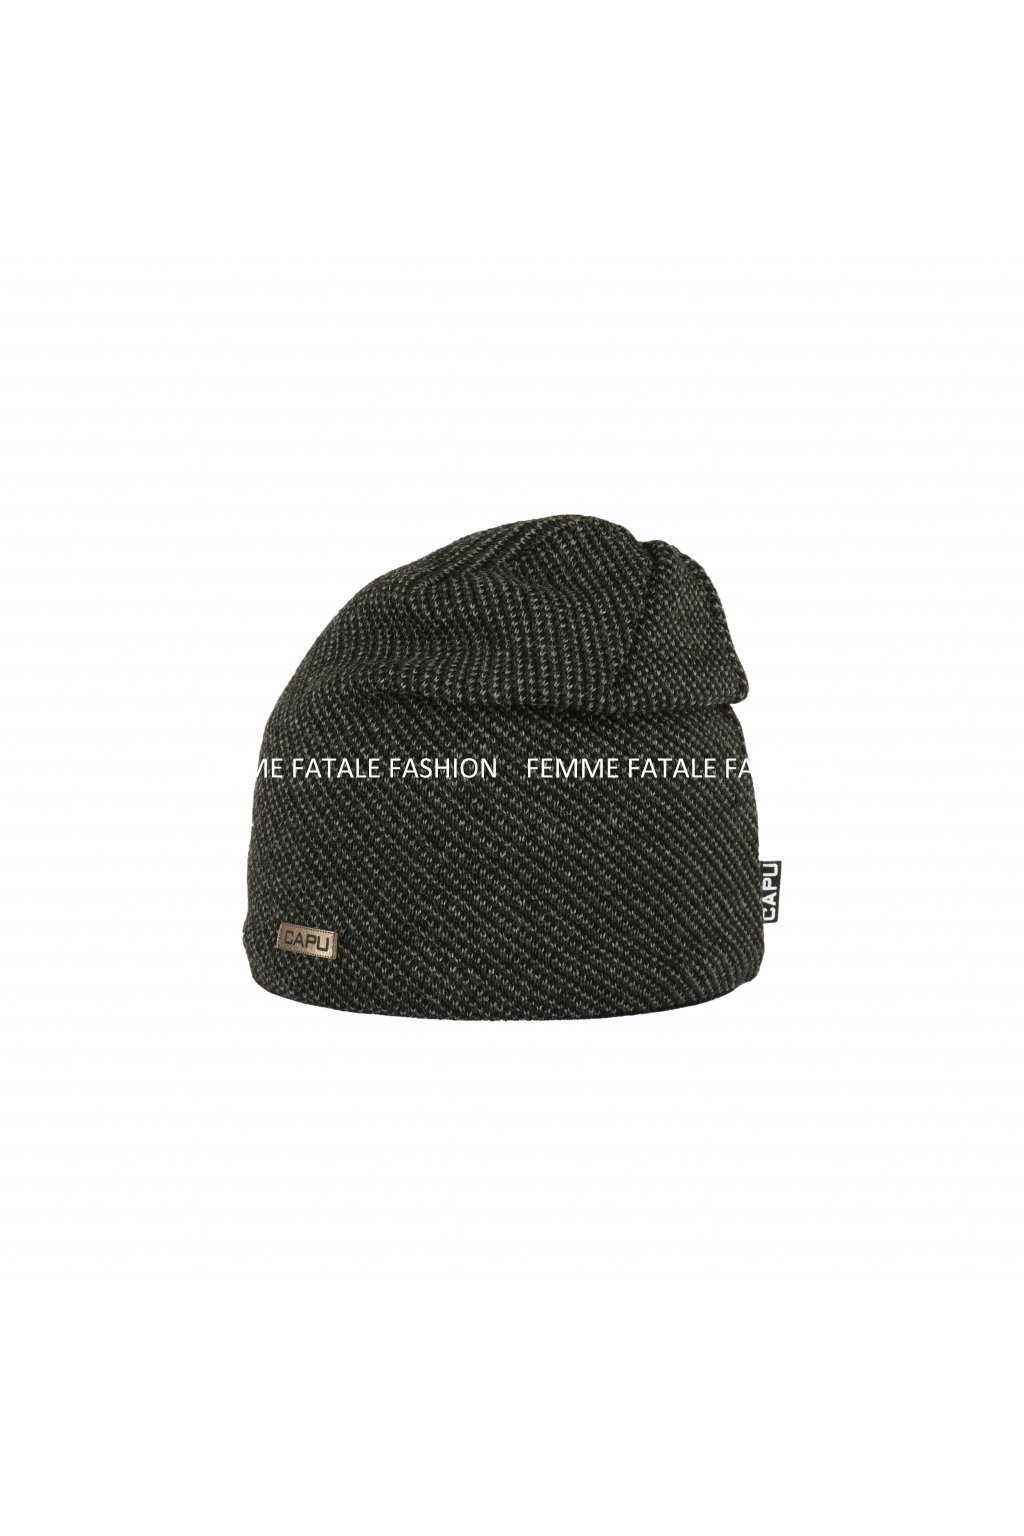 Pánská zimní čepice CAPU 1676 FEMMEFATALEFASHION (1)1